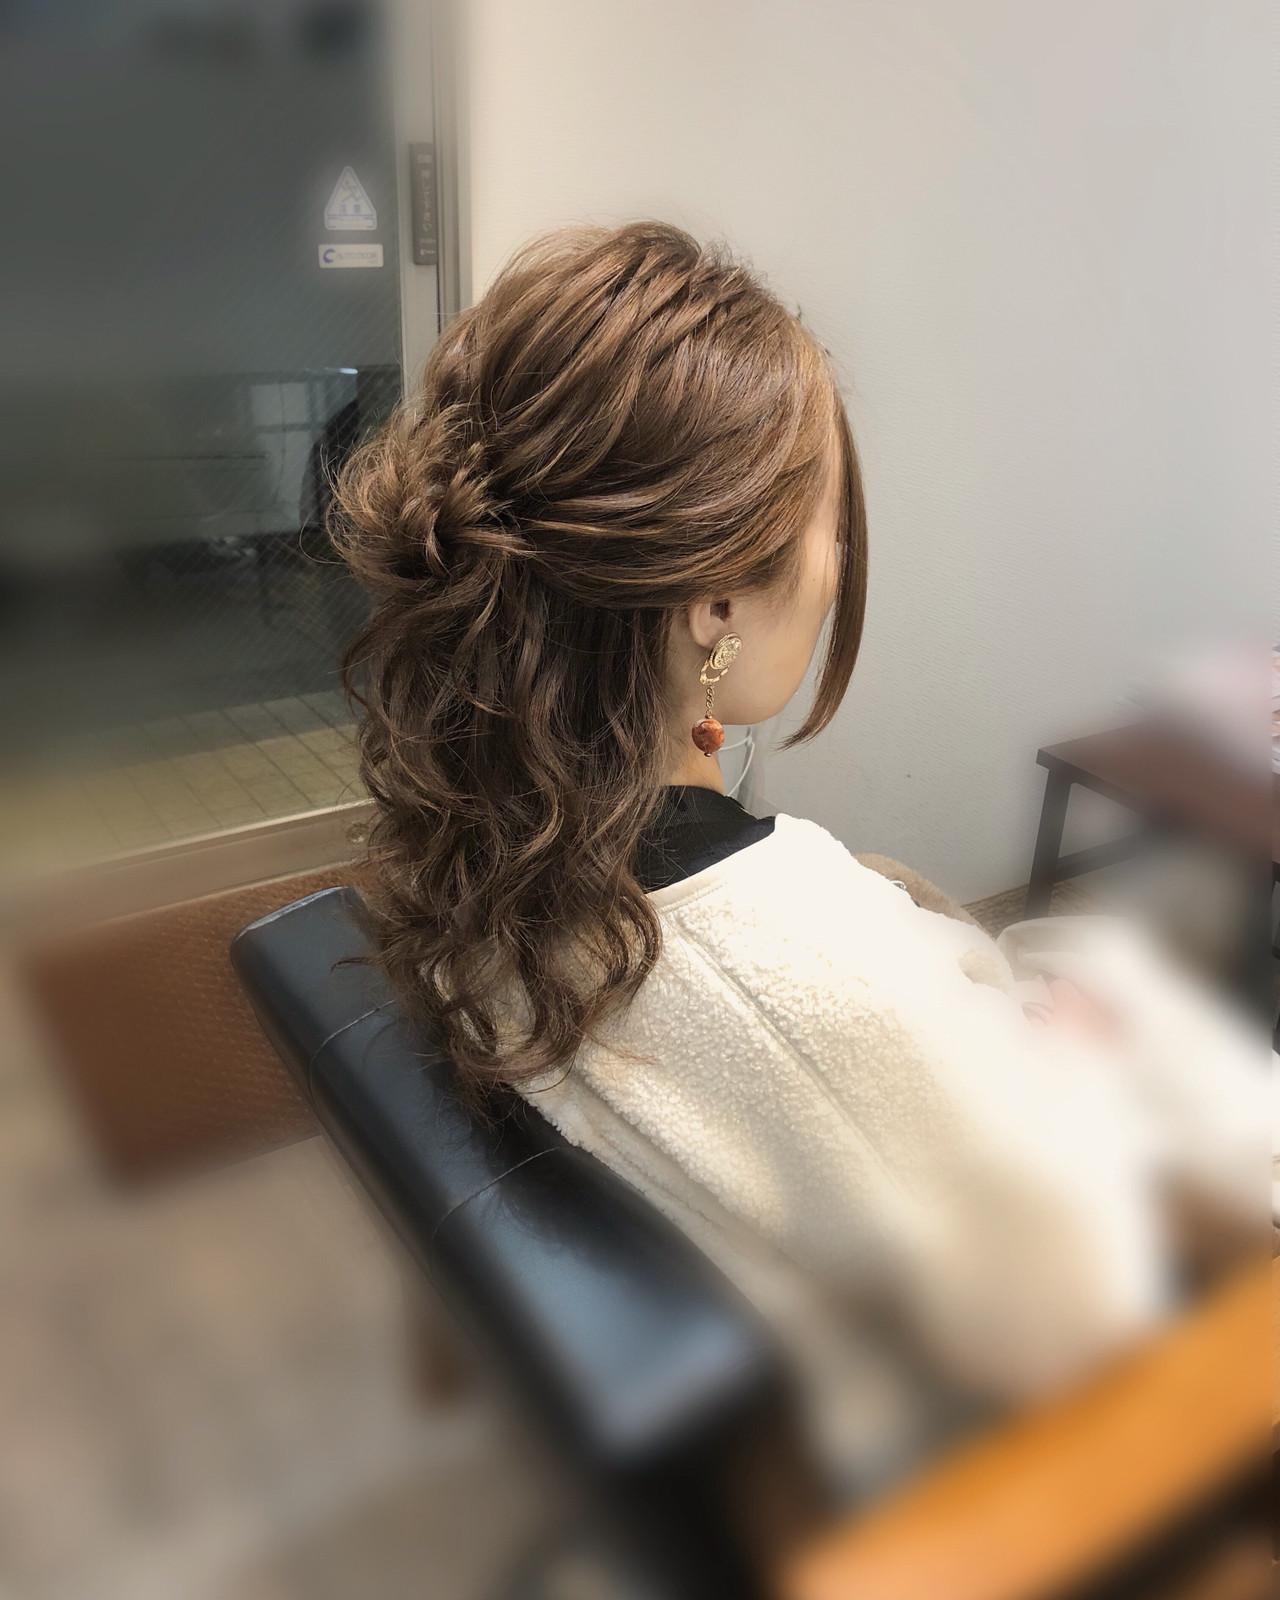 ヘアセット 結婚式 ヘアアレンジ セミロング ヘアスタイルや髪型の写真・画像